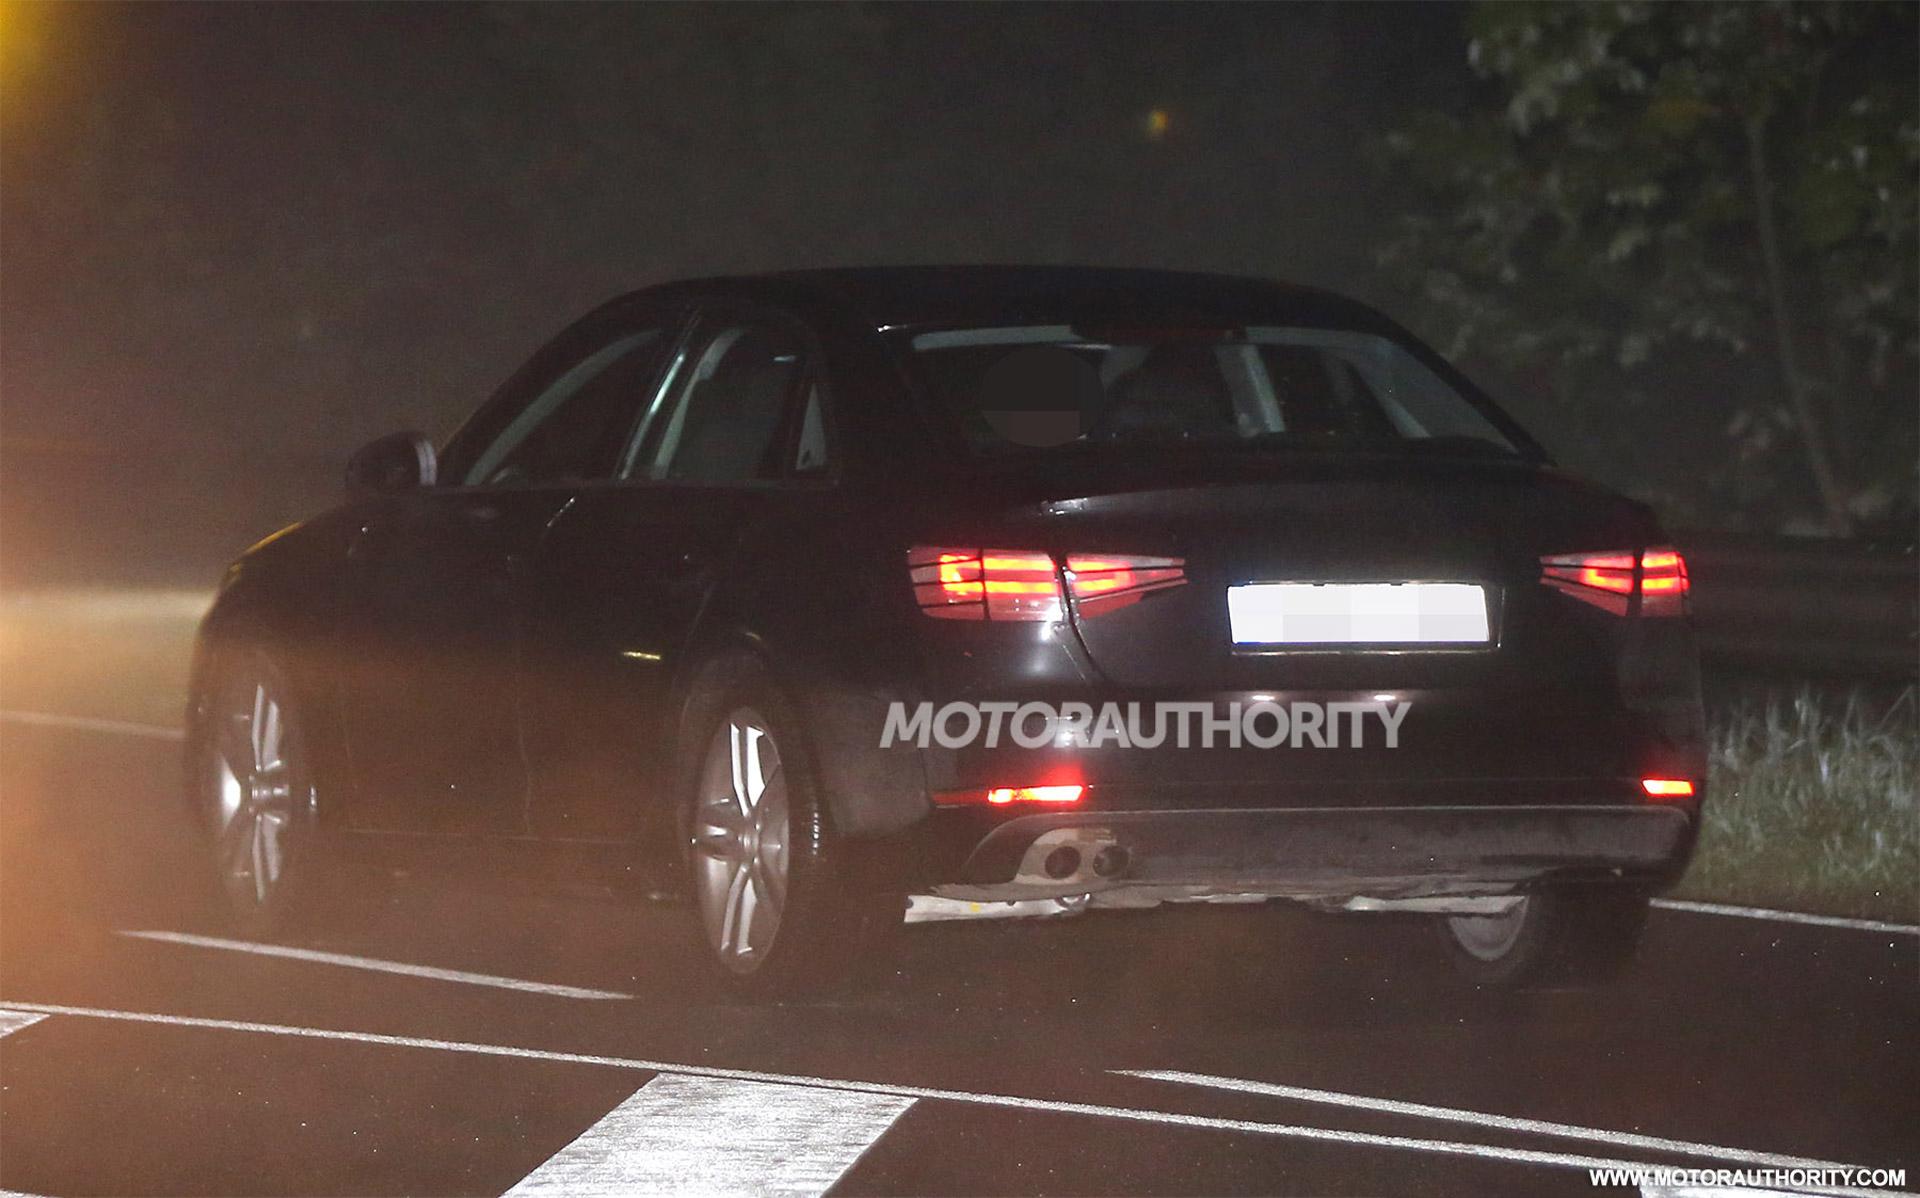 2016 Audi A4 Spy Shot